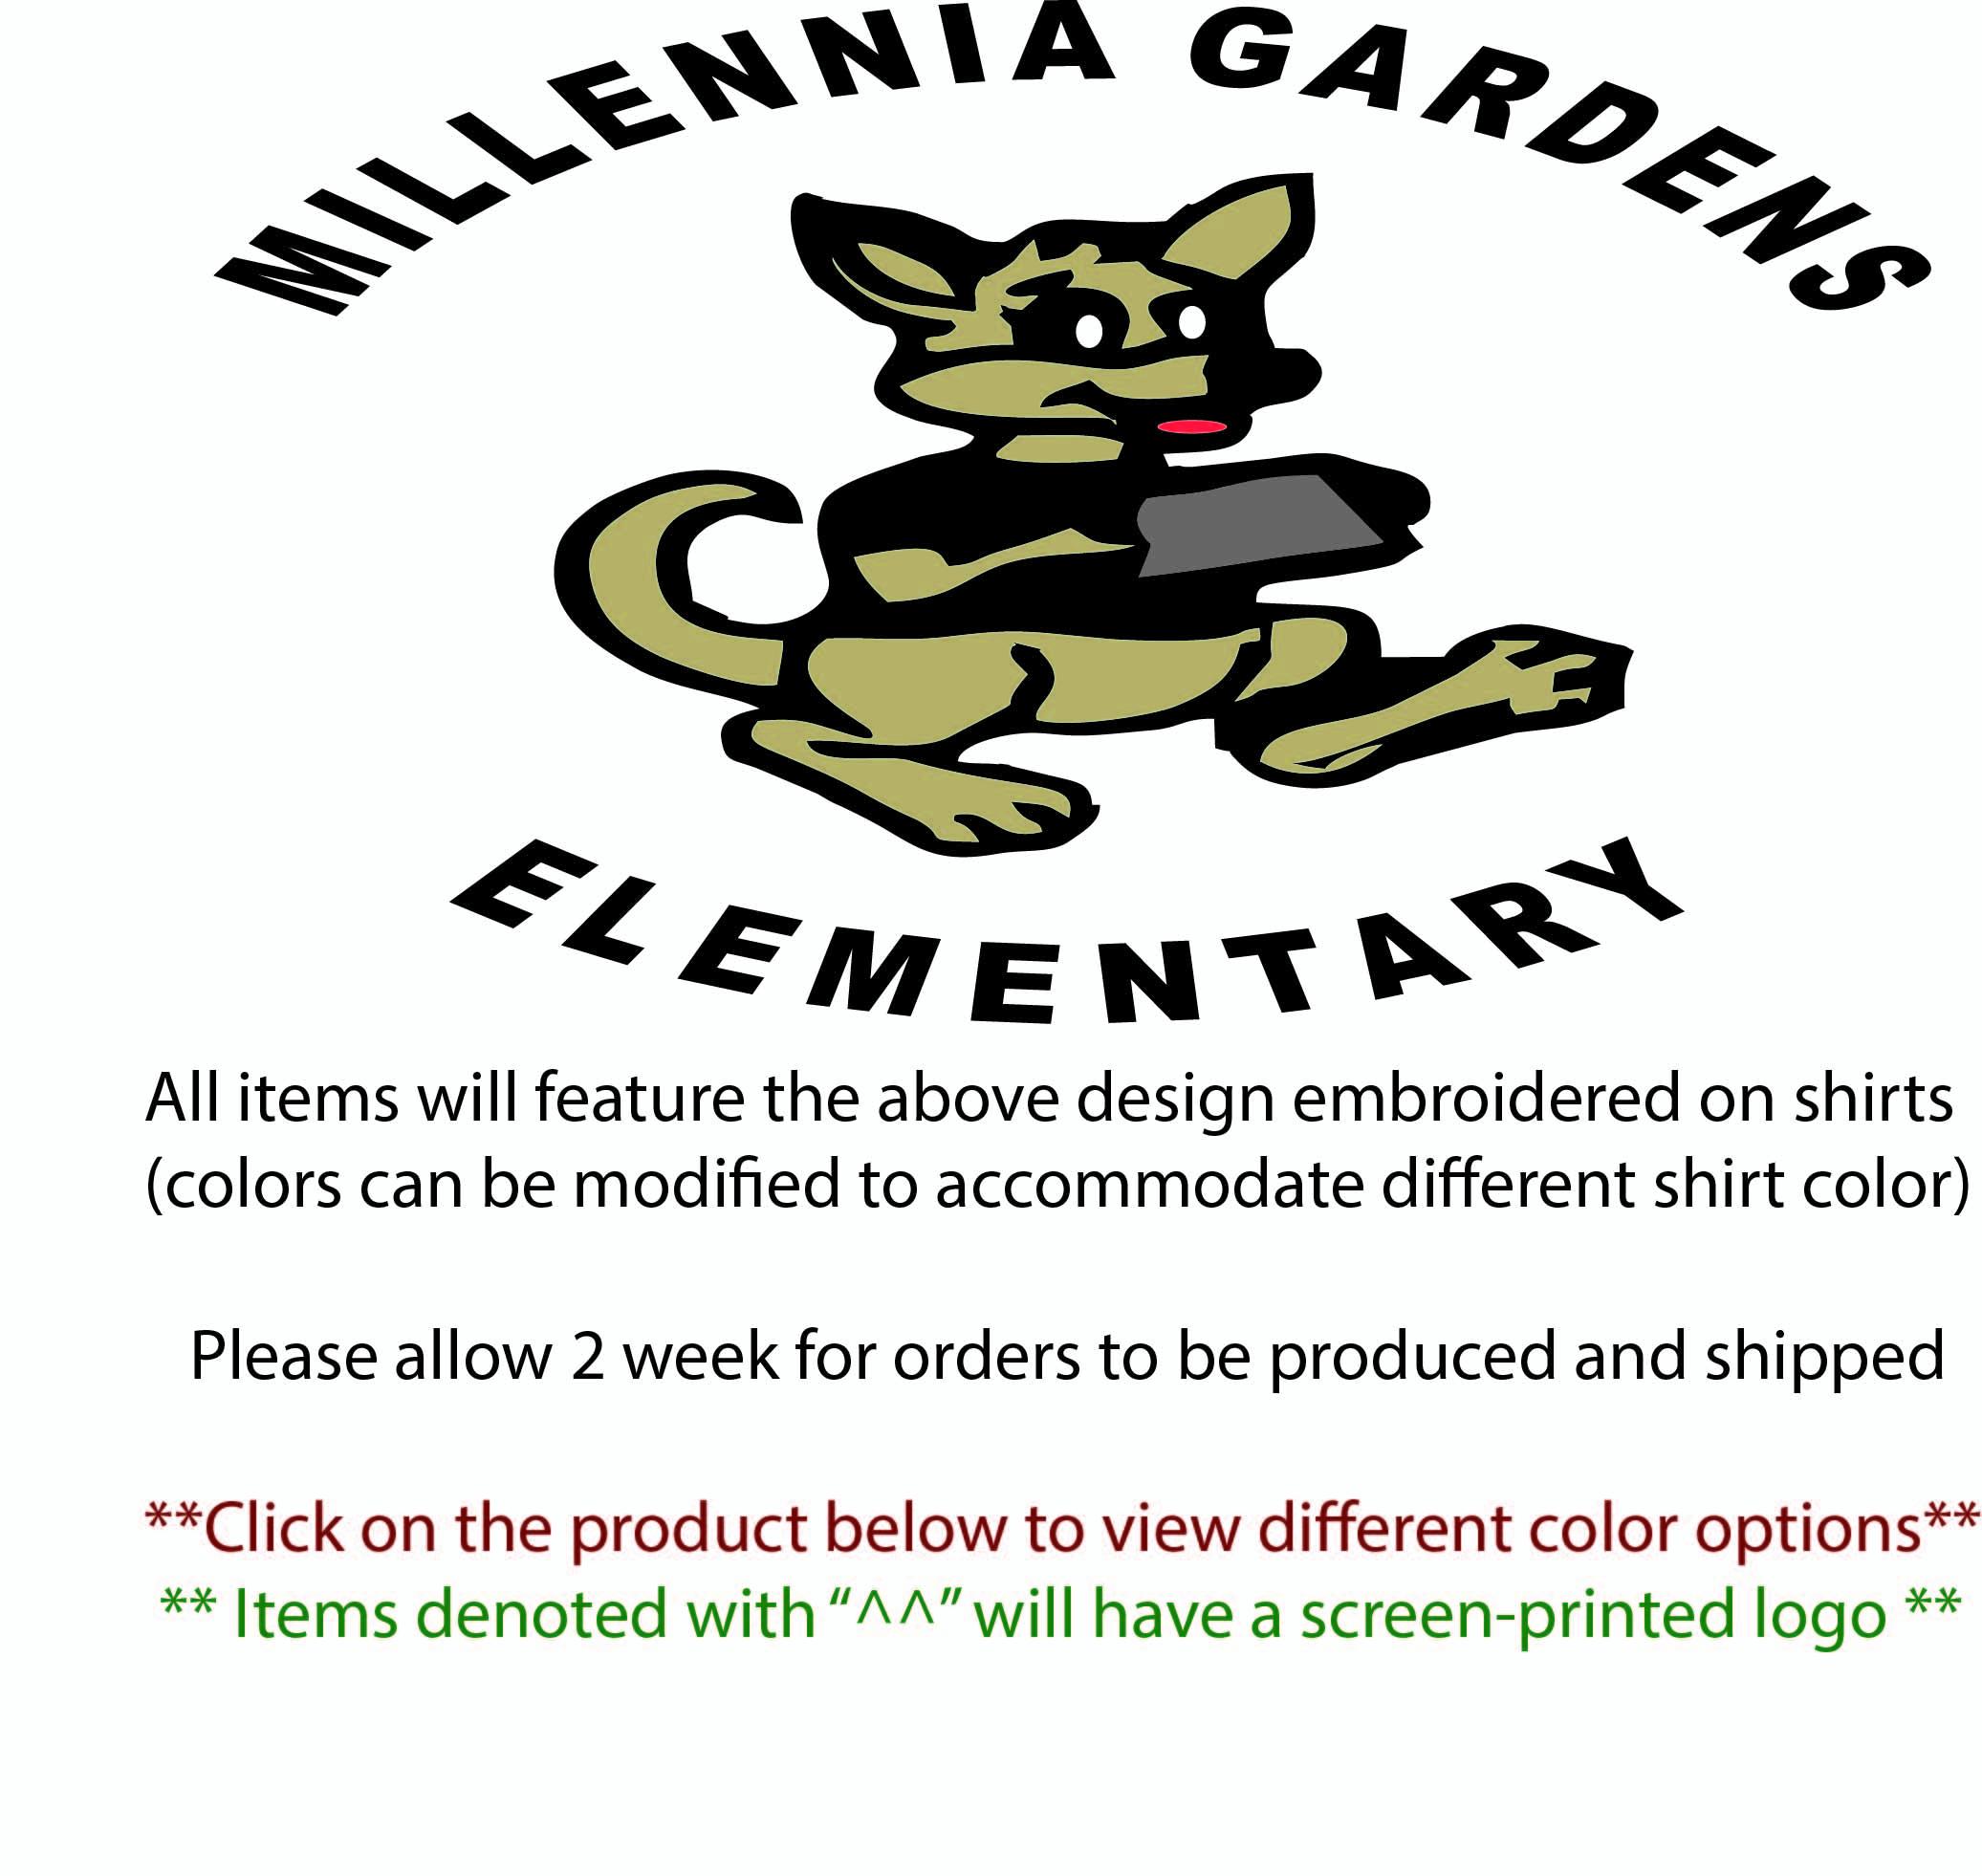 millennia-gardens-web-site-header-staff.jpg